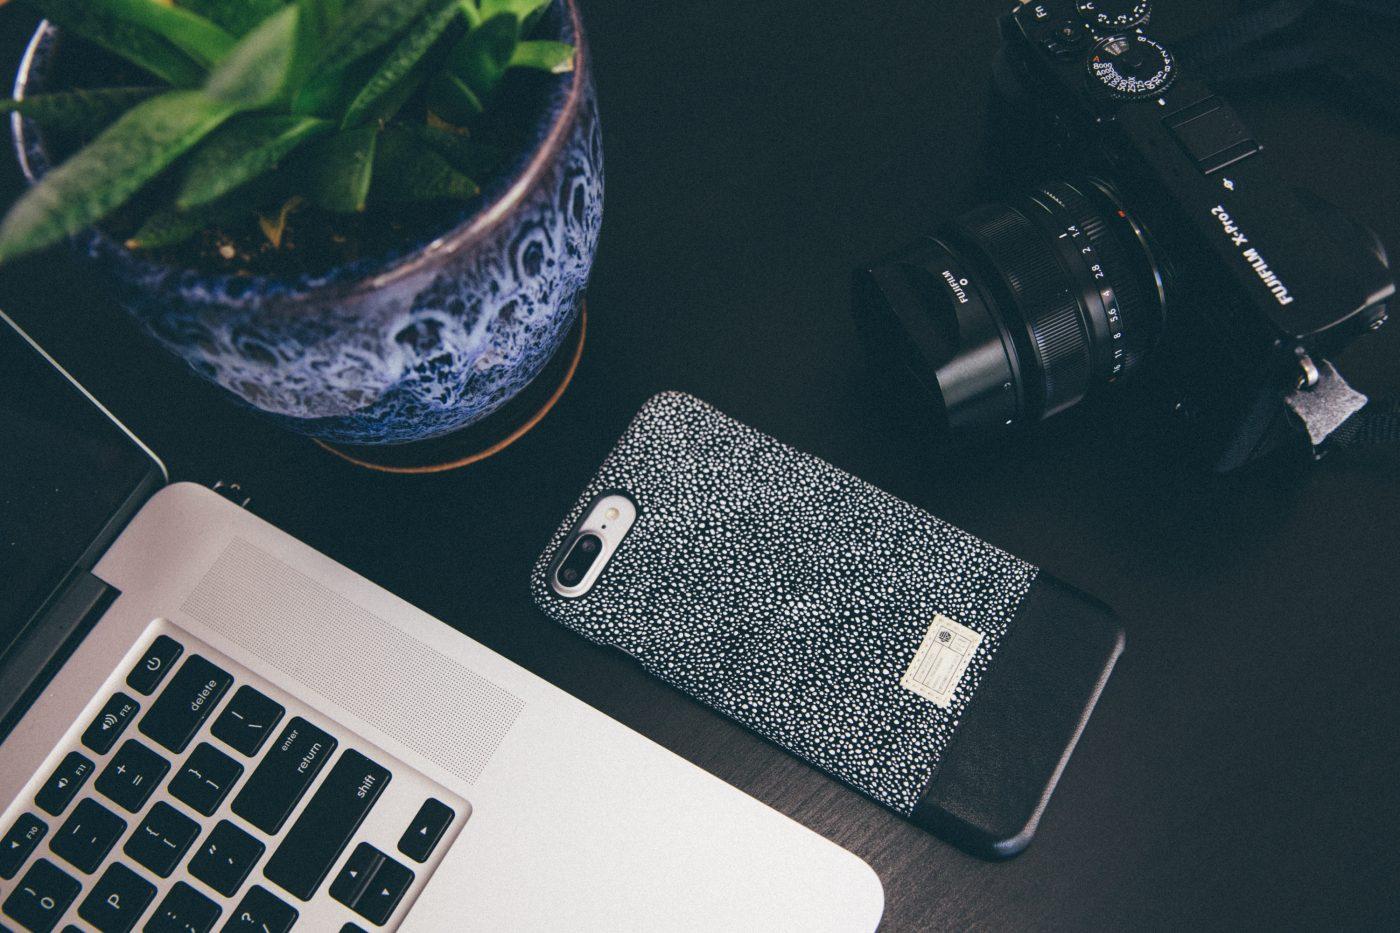 hex-iphone7-release-06